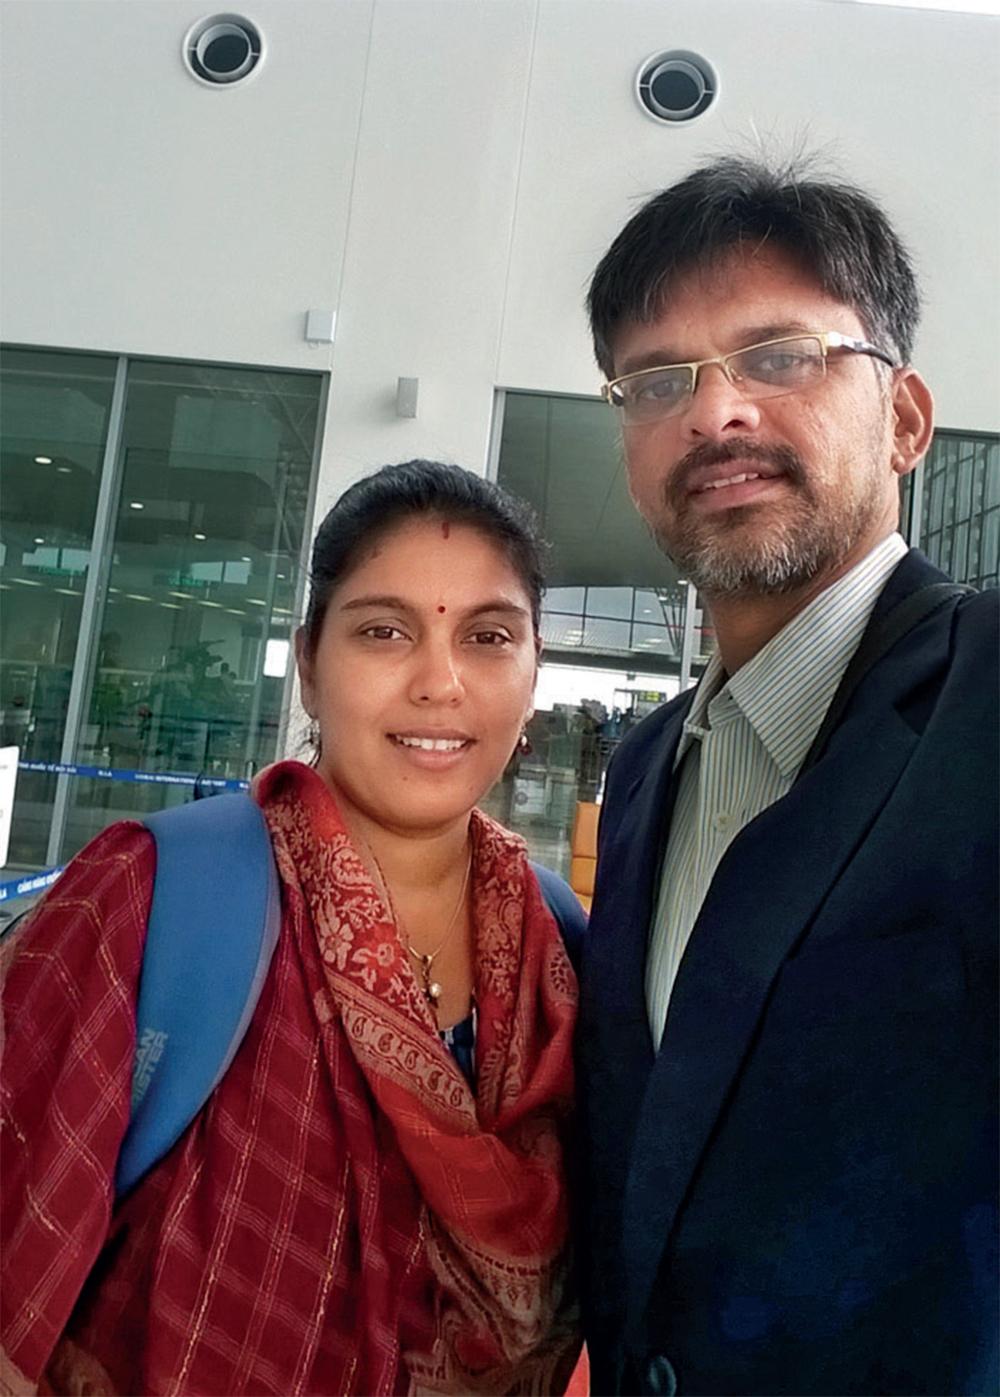 Aayushi Ketkar works for the Sangh's J&K Studies Centre; Prafulla Ketkar is the editor of Organiser